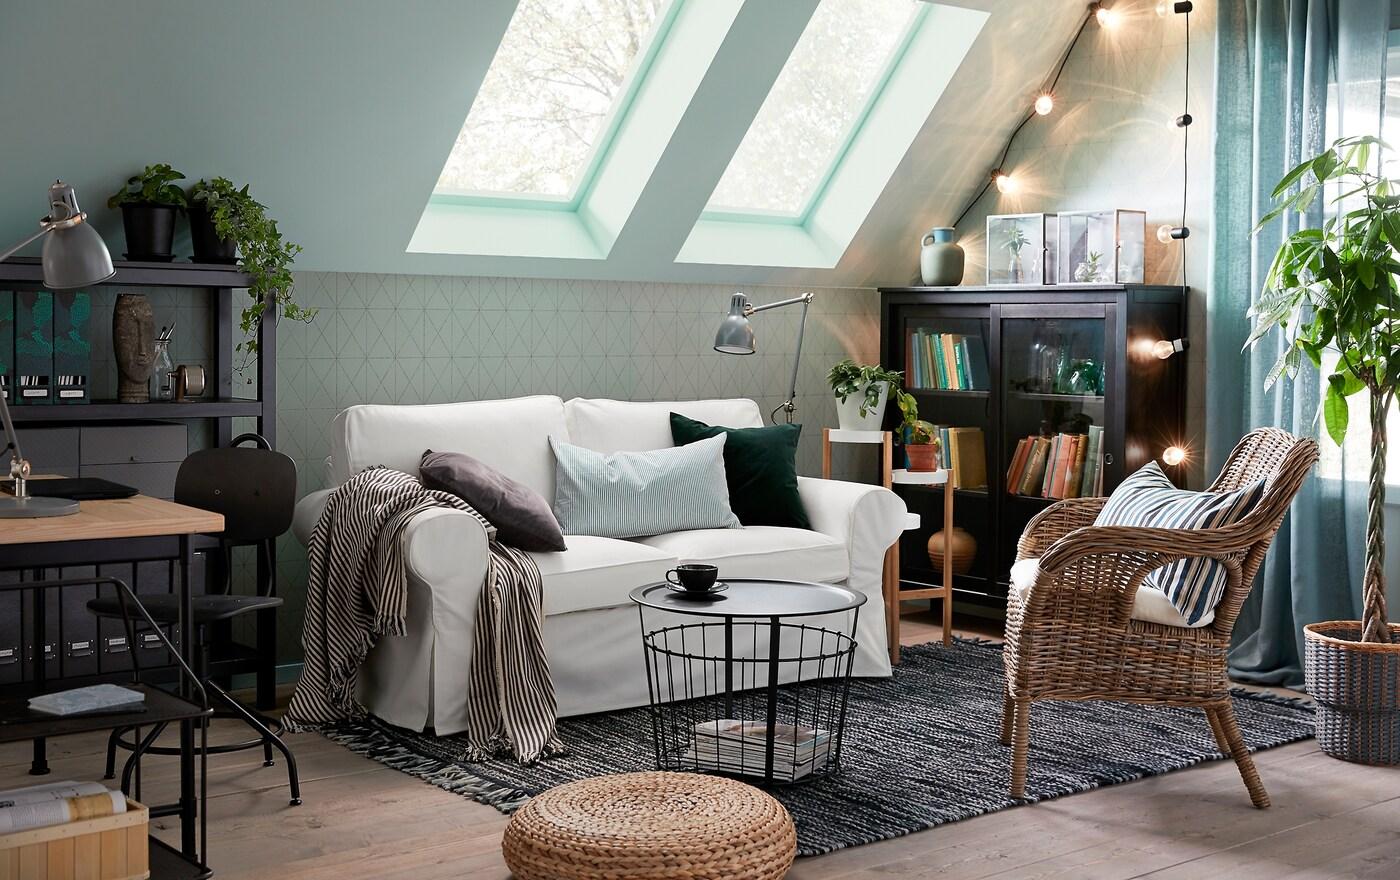 Perinteinen kahden istuttava EKTORP-sohva, jossa on valkoinen Vittaryd-päällinen. BYHOLMA/MARIEBERG-korituoli. Pieni ja kodikas vihreä, harmaa ja valkoinen olohuone, jossa on taitekatto.